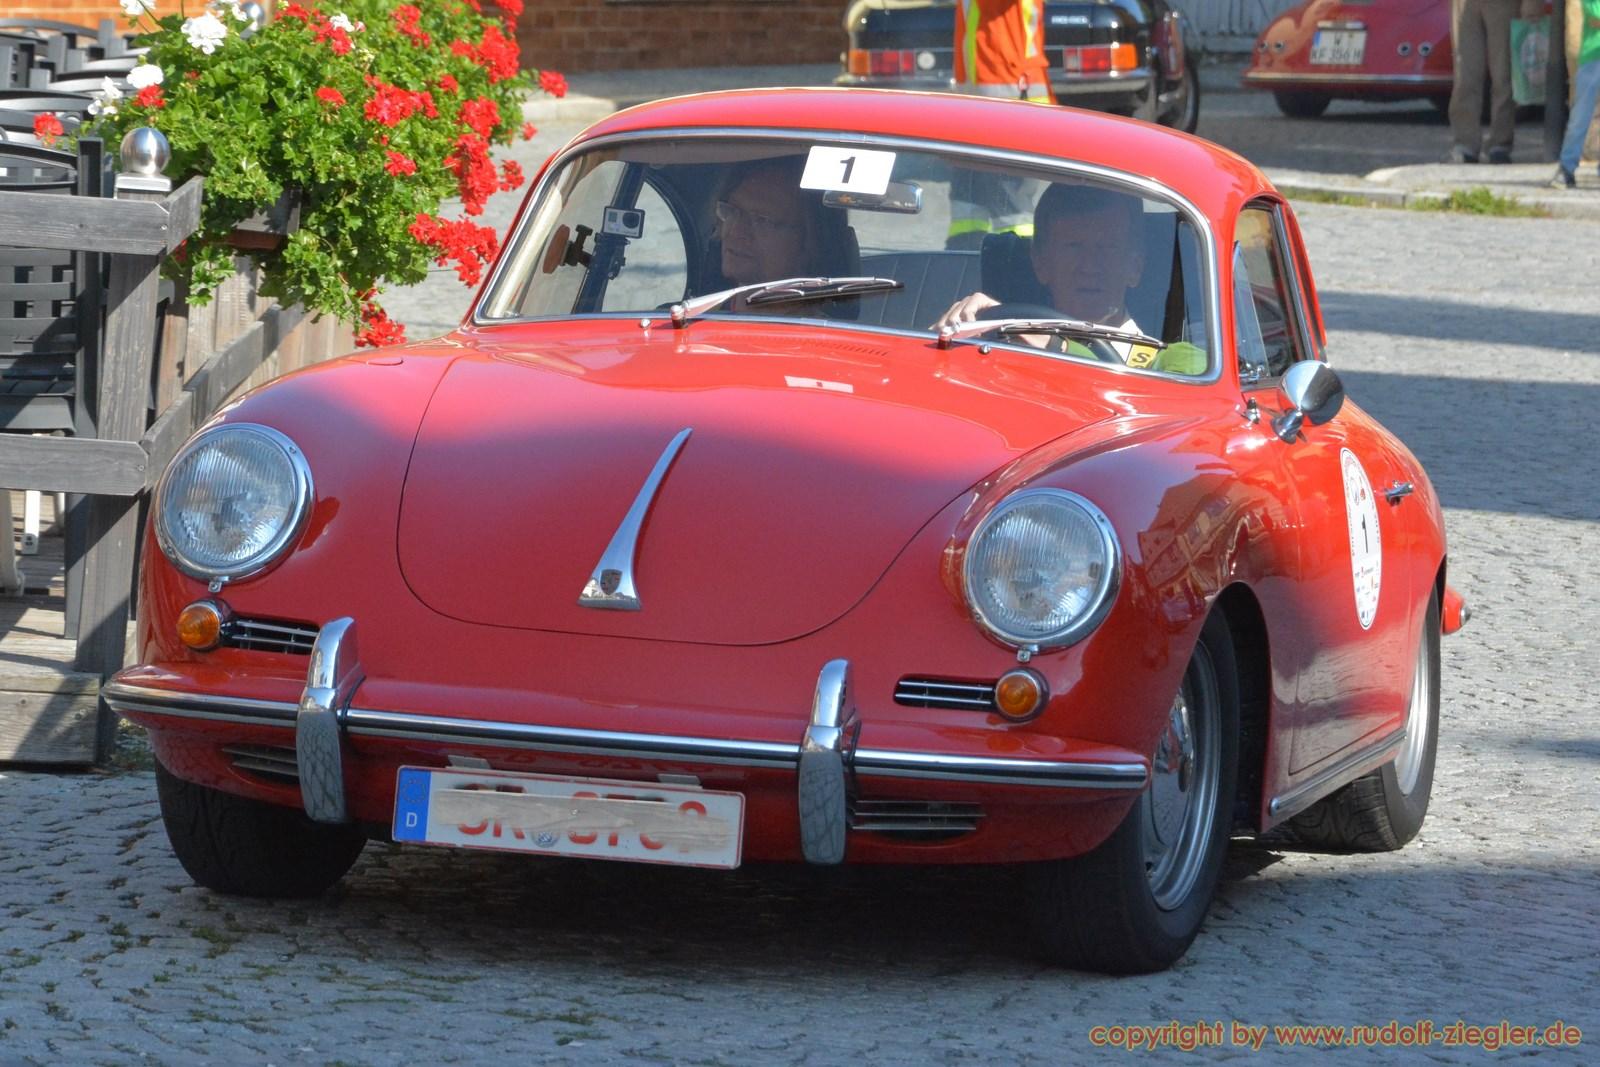 Porsche 356 - Thurnau 031-A [1600x1200]